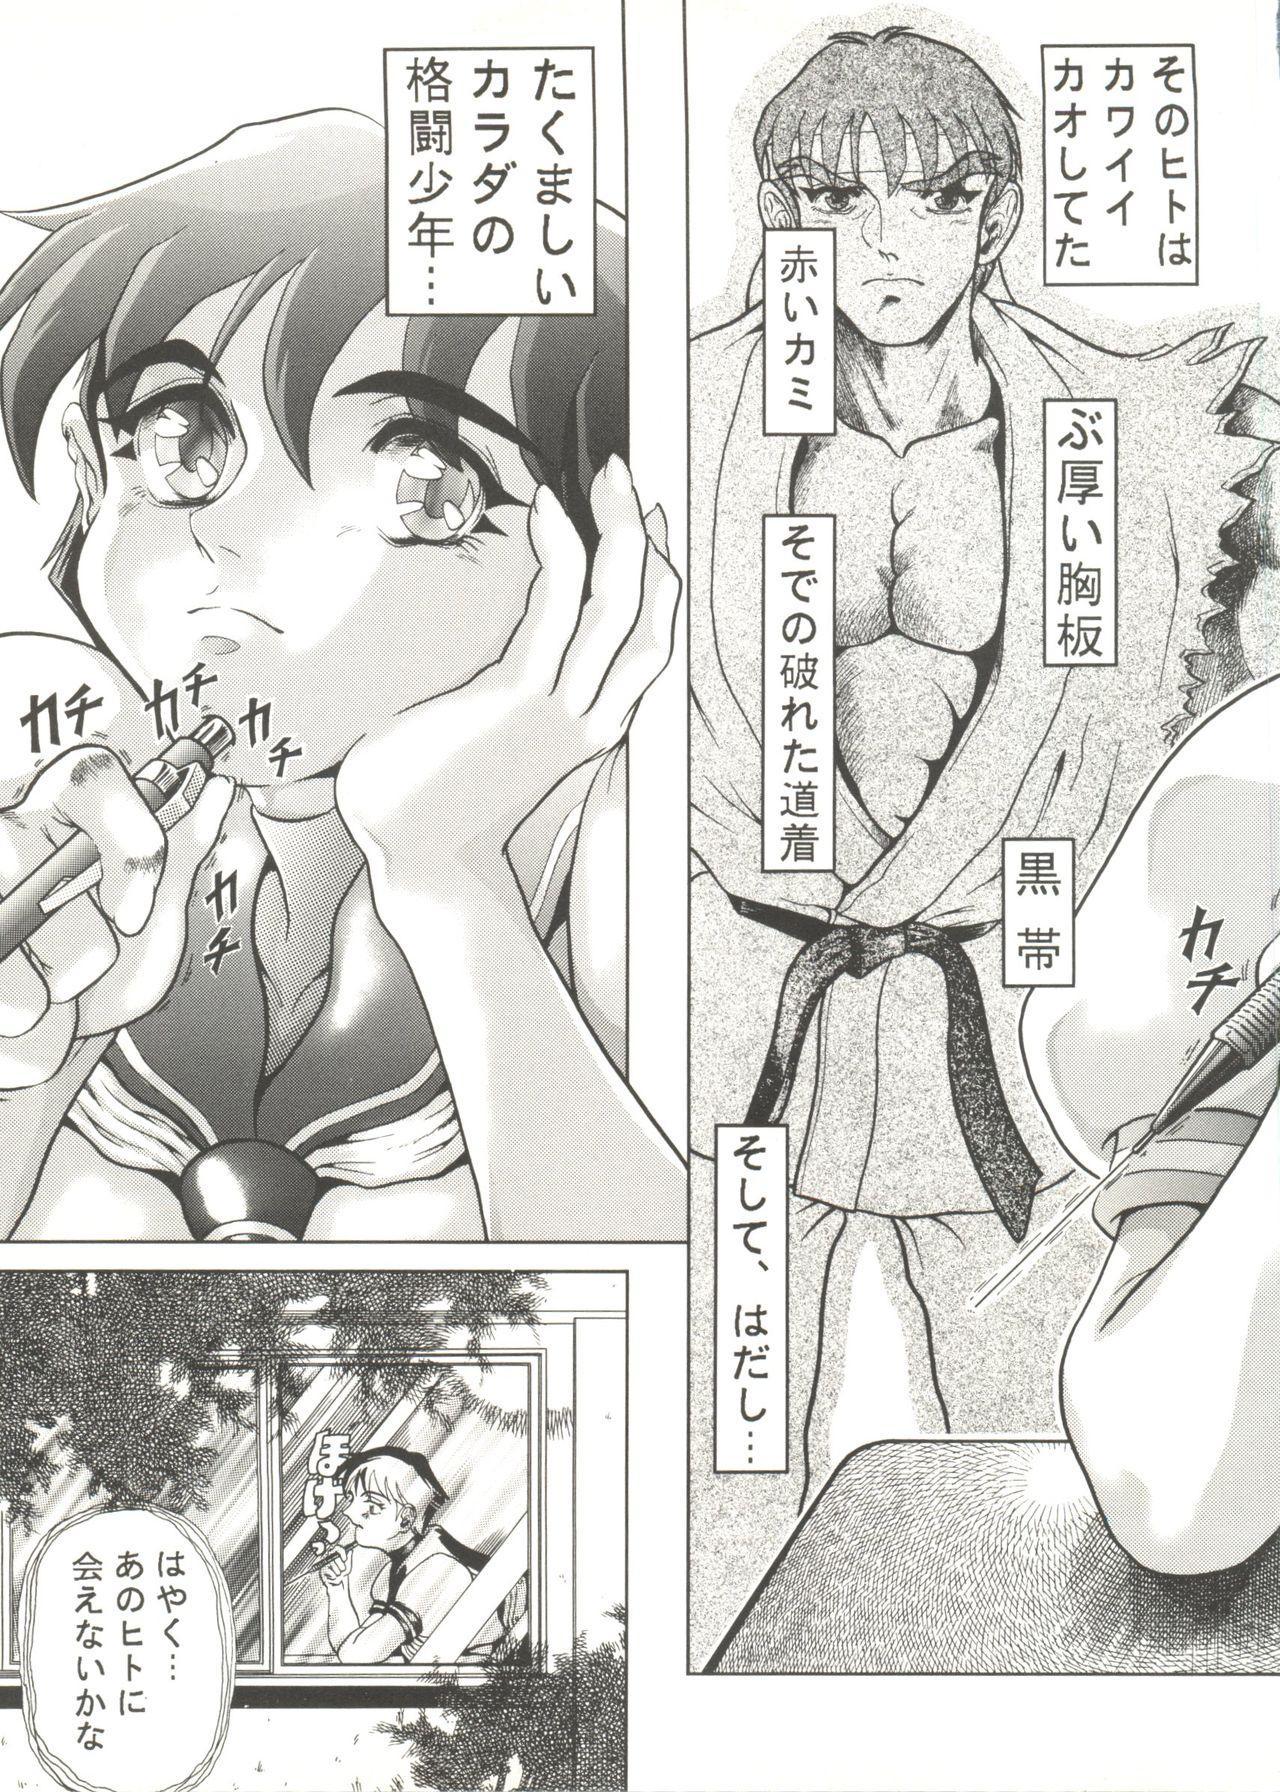 Doujin Anthology Bishoujo a La Carte 1 84